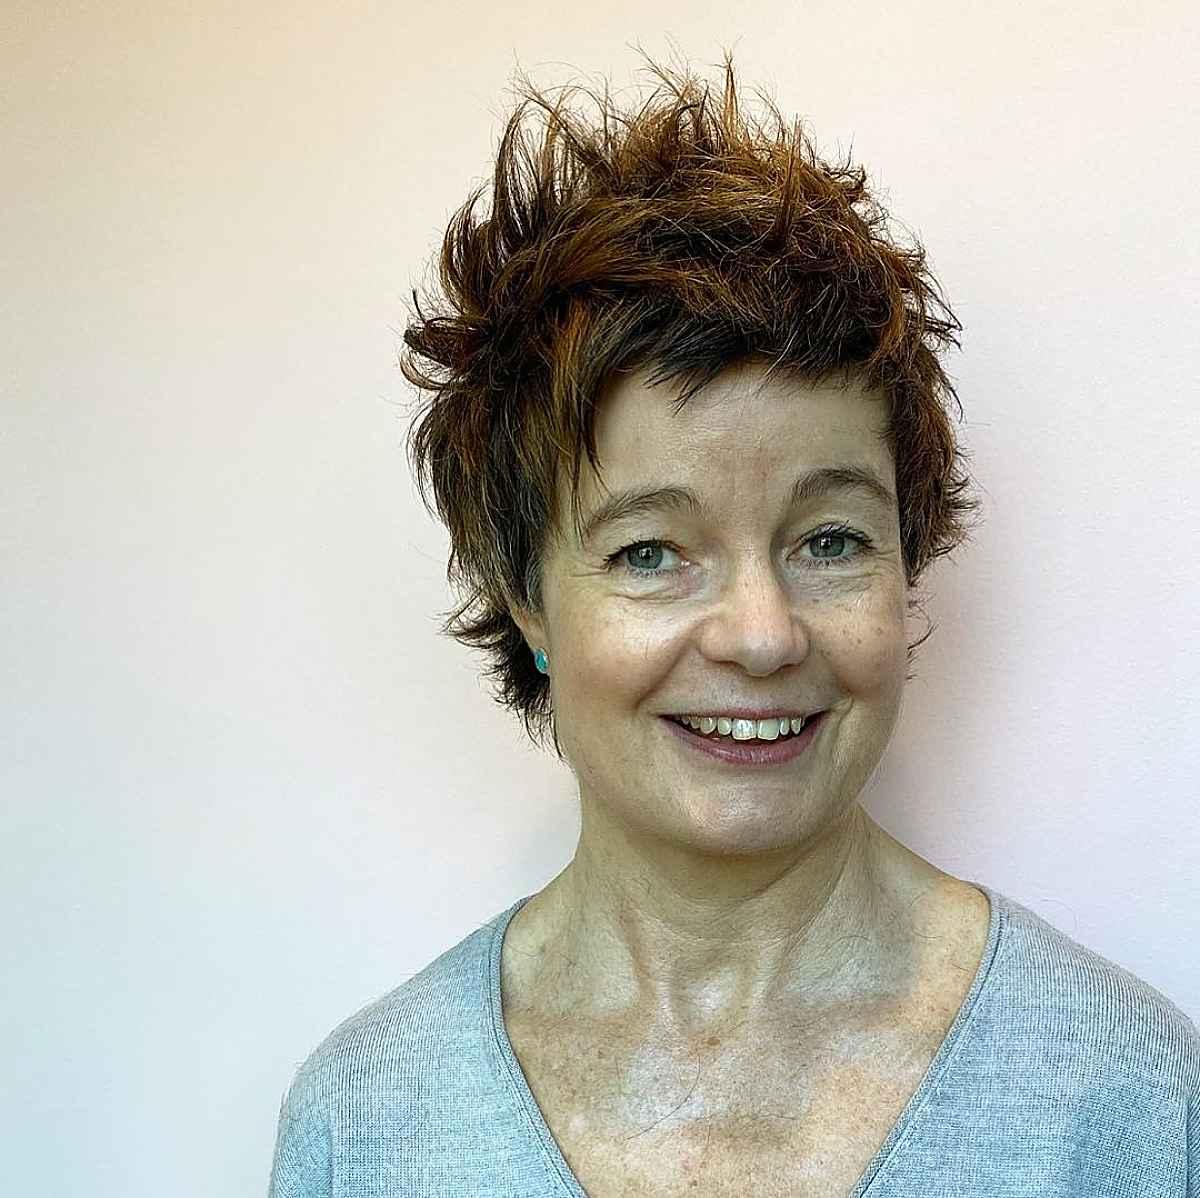 Peinado Pixie corto para mujeres de sesenta años